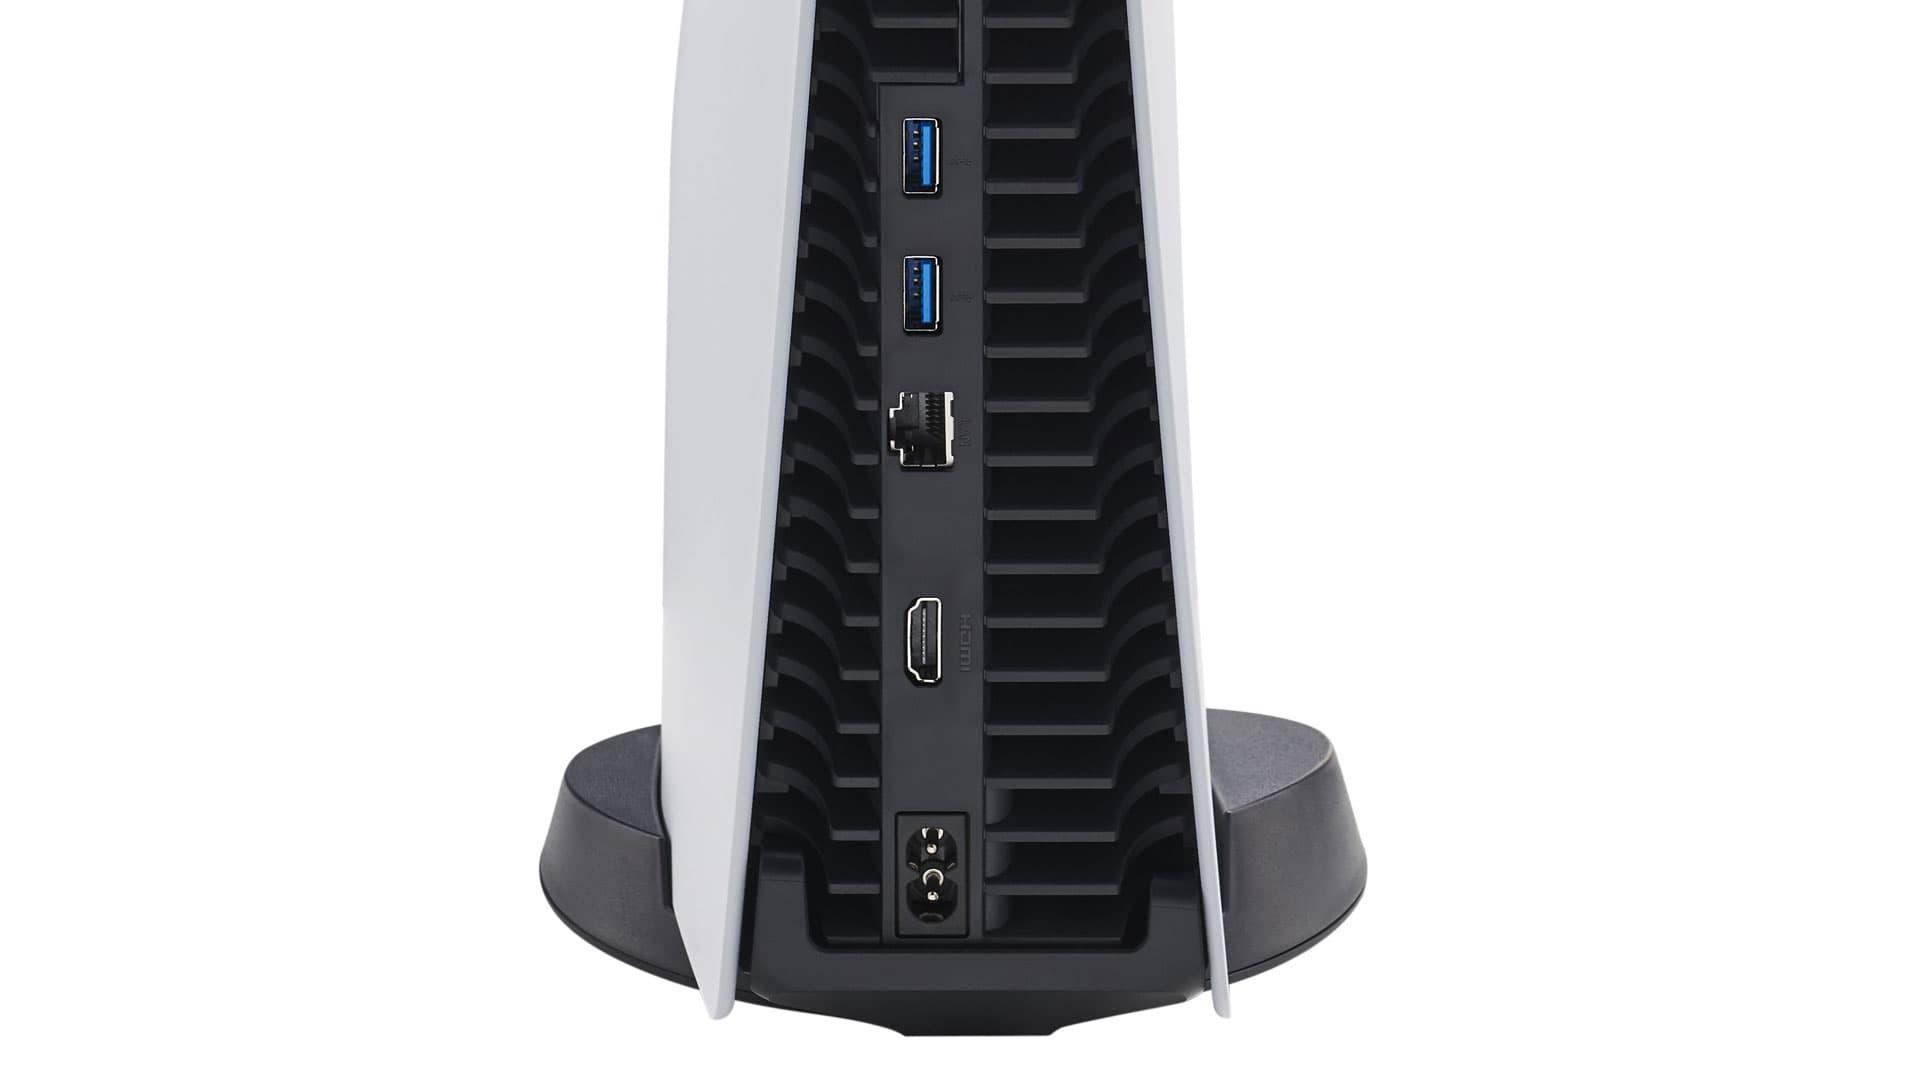 Cómo ampliar el almacenamiento y espacio disponible en PS5